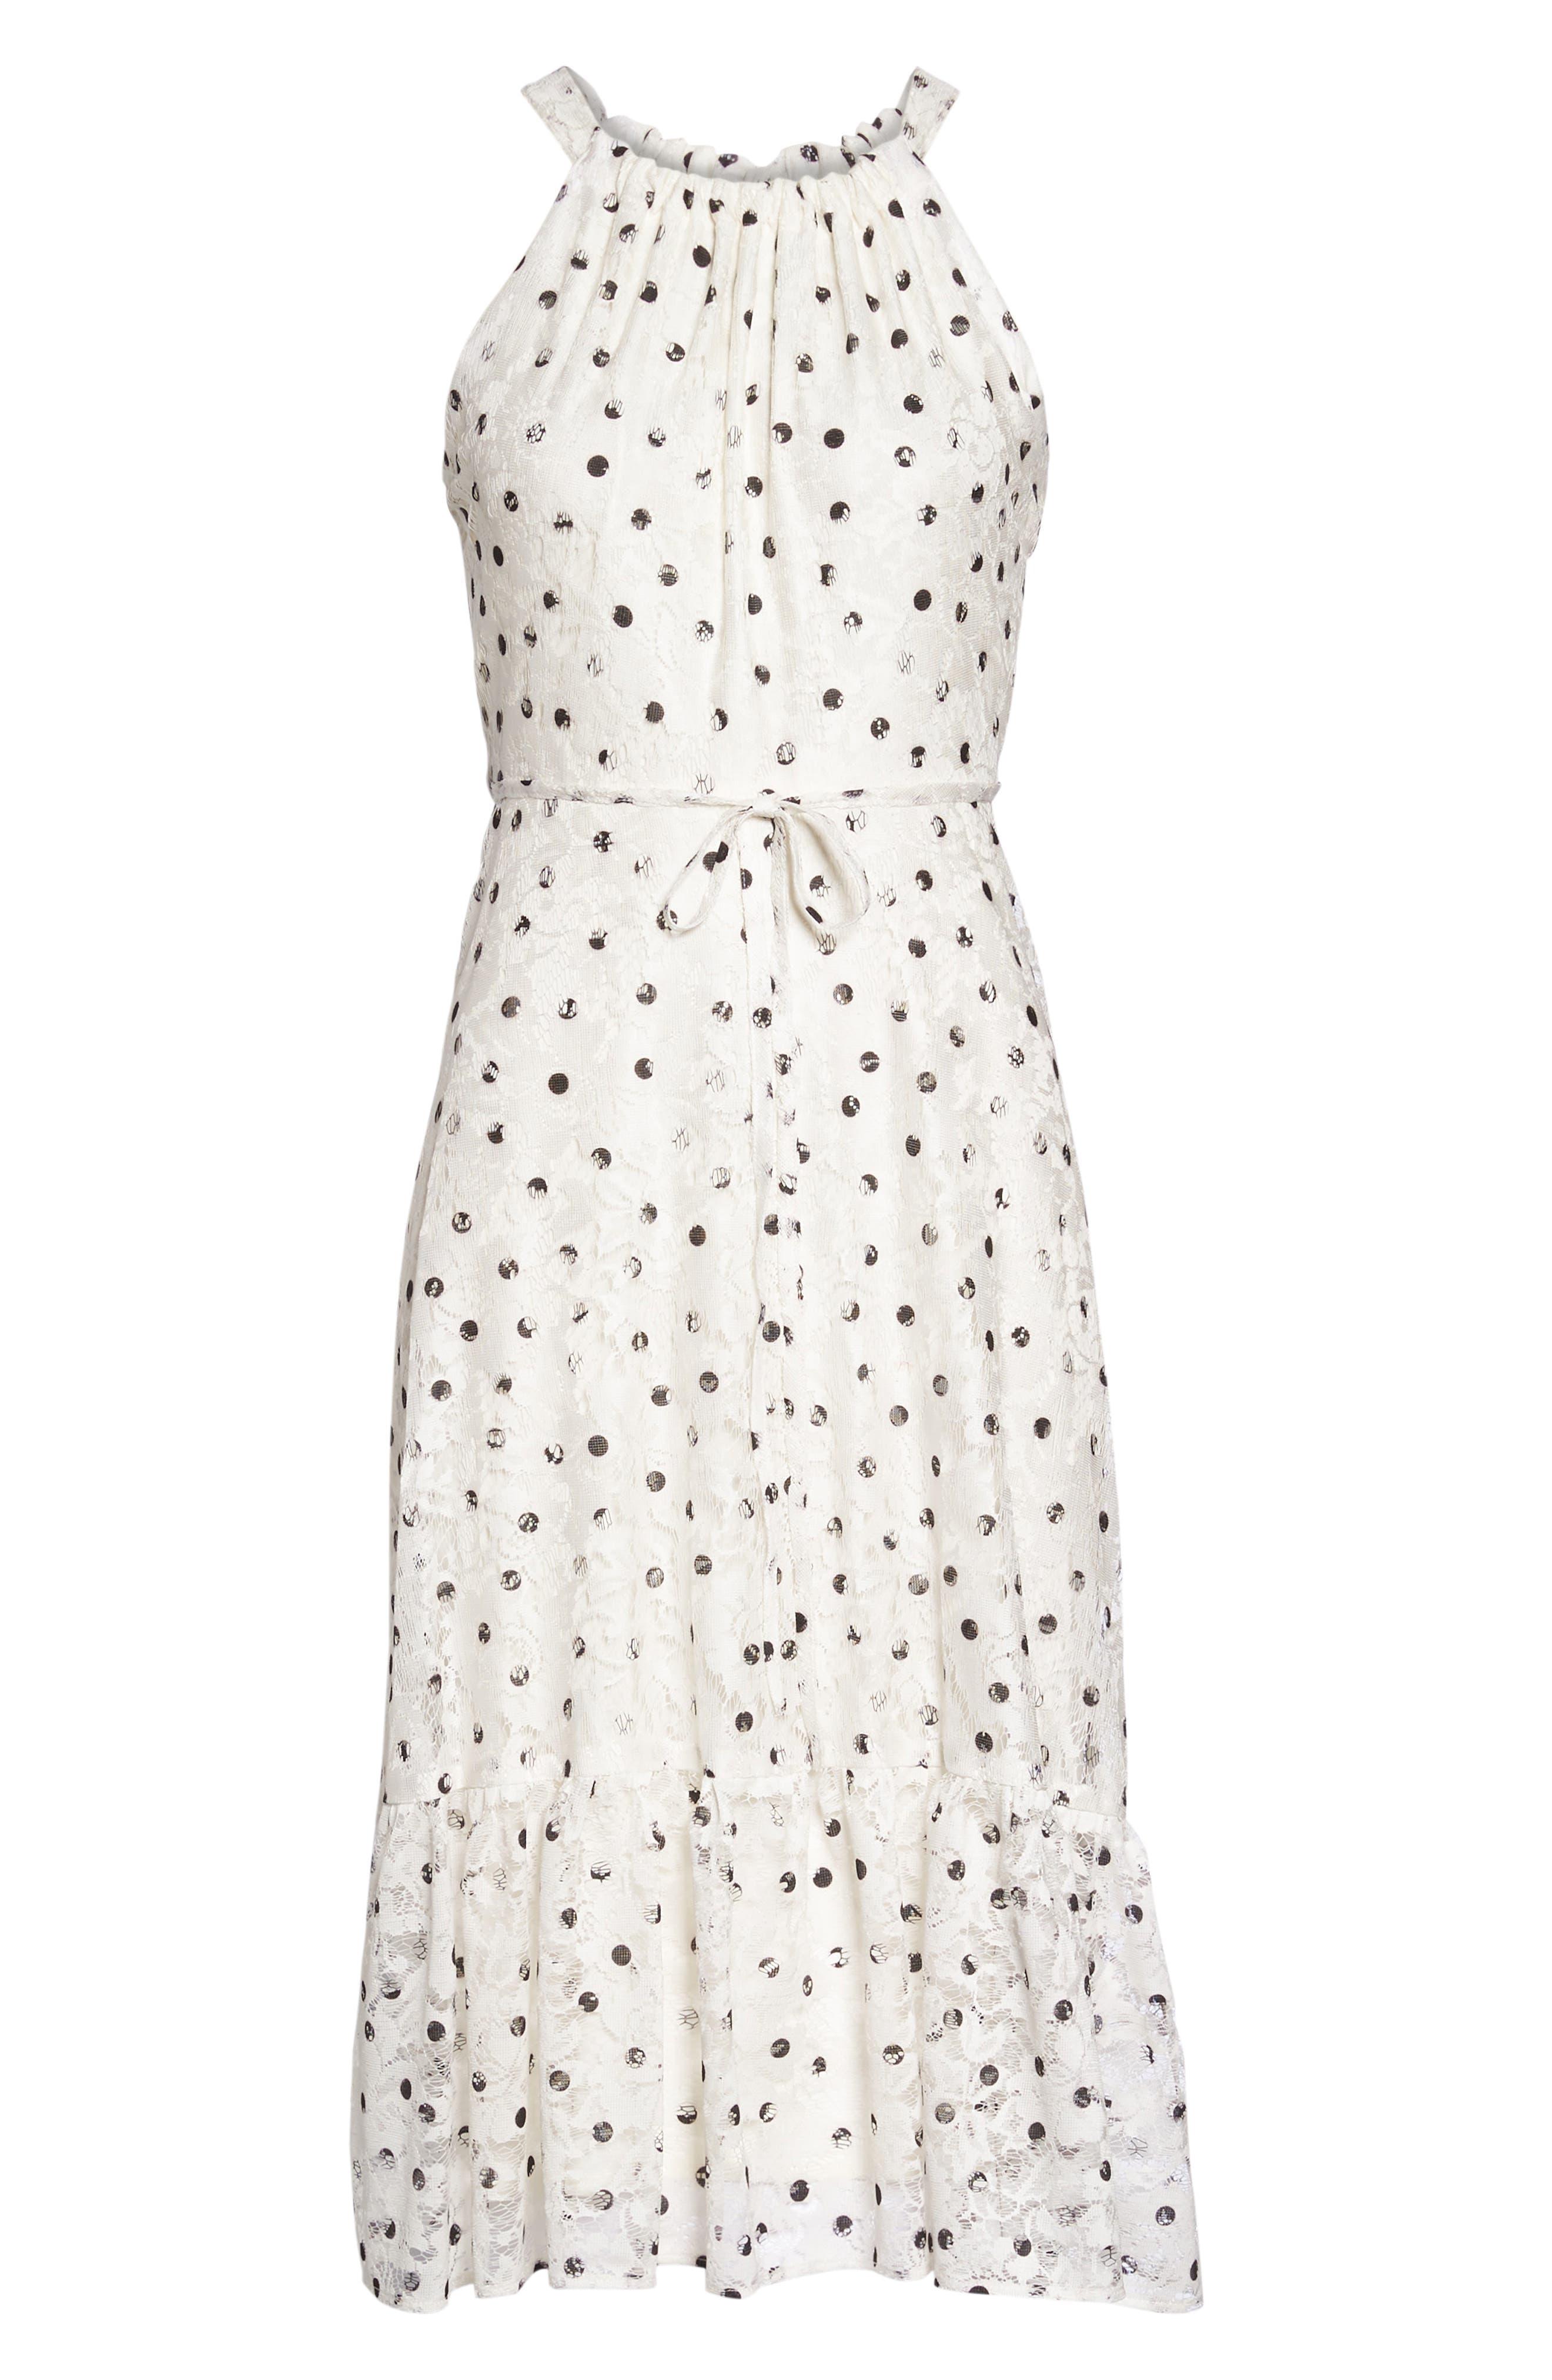 Polka Dot Lace Midi Dress,                             Alternate thumbnail 6, color,                             Ivory/ Black